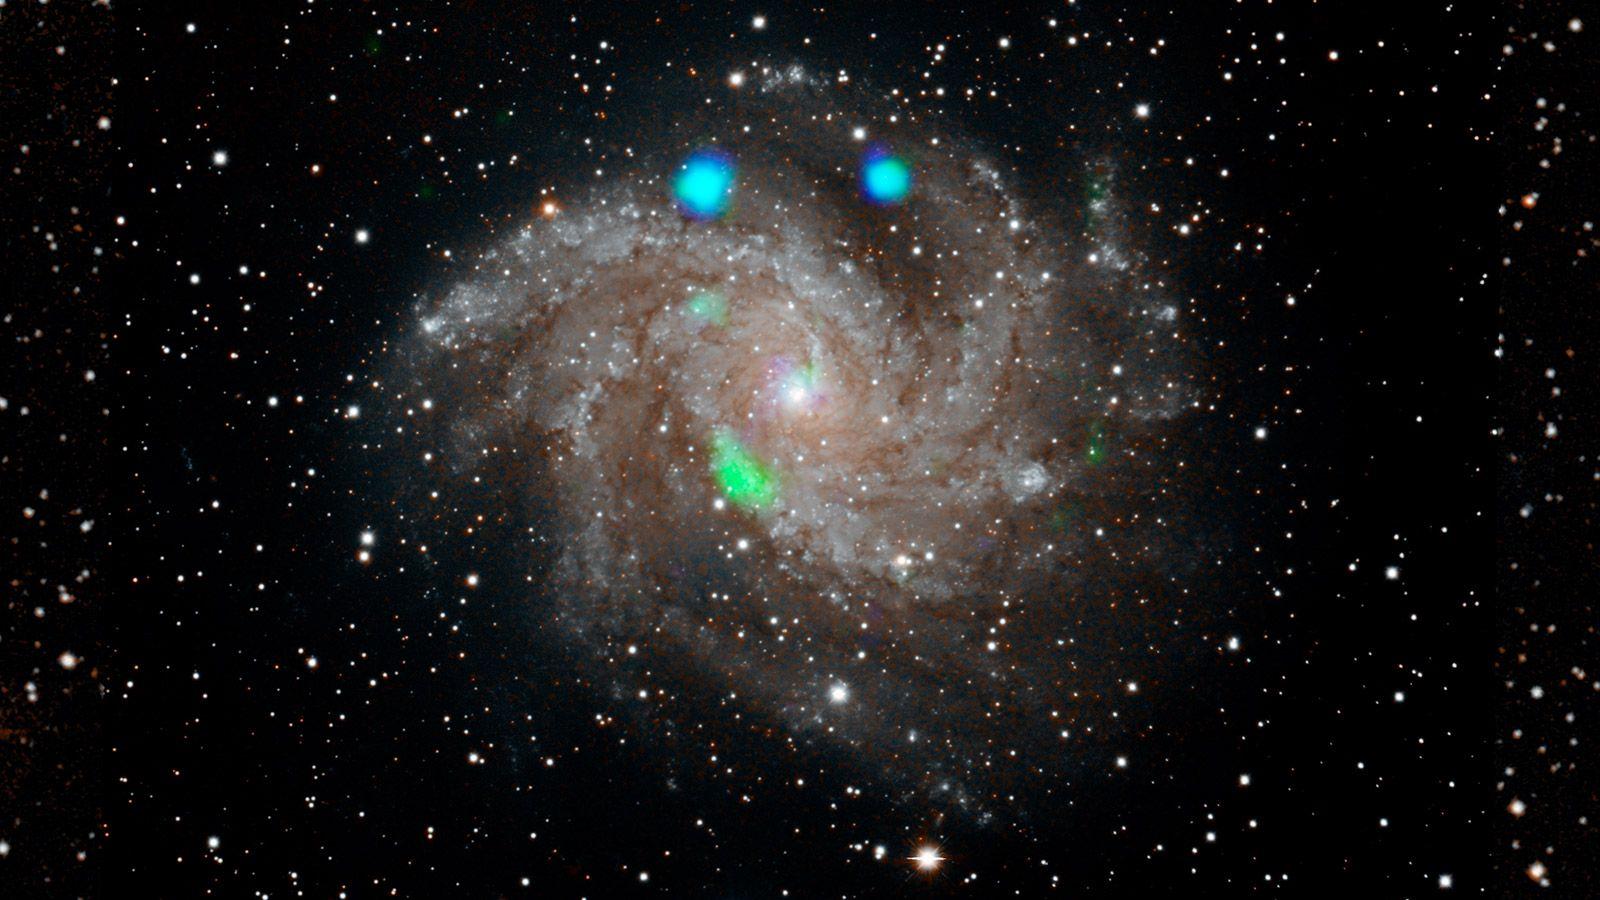 NASA Stumped by Weird Green Blobs